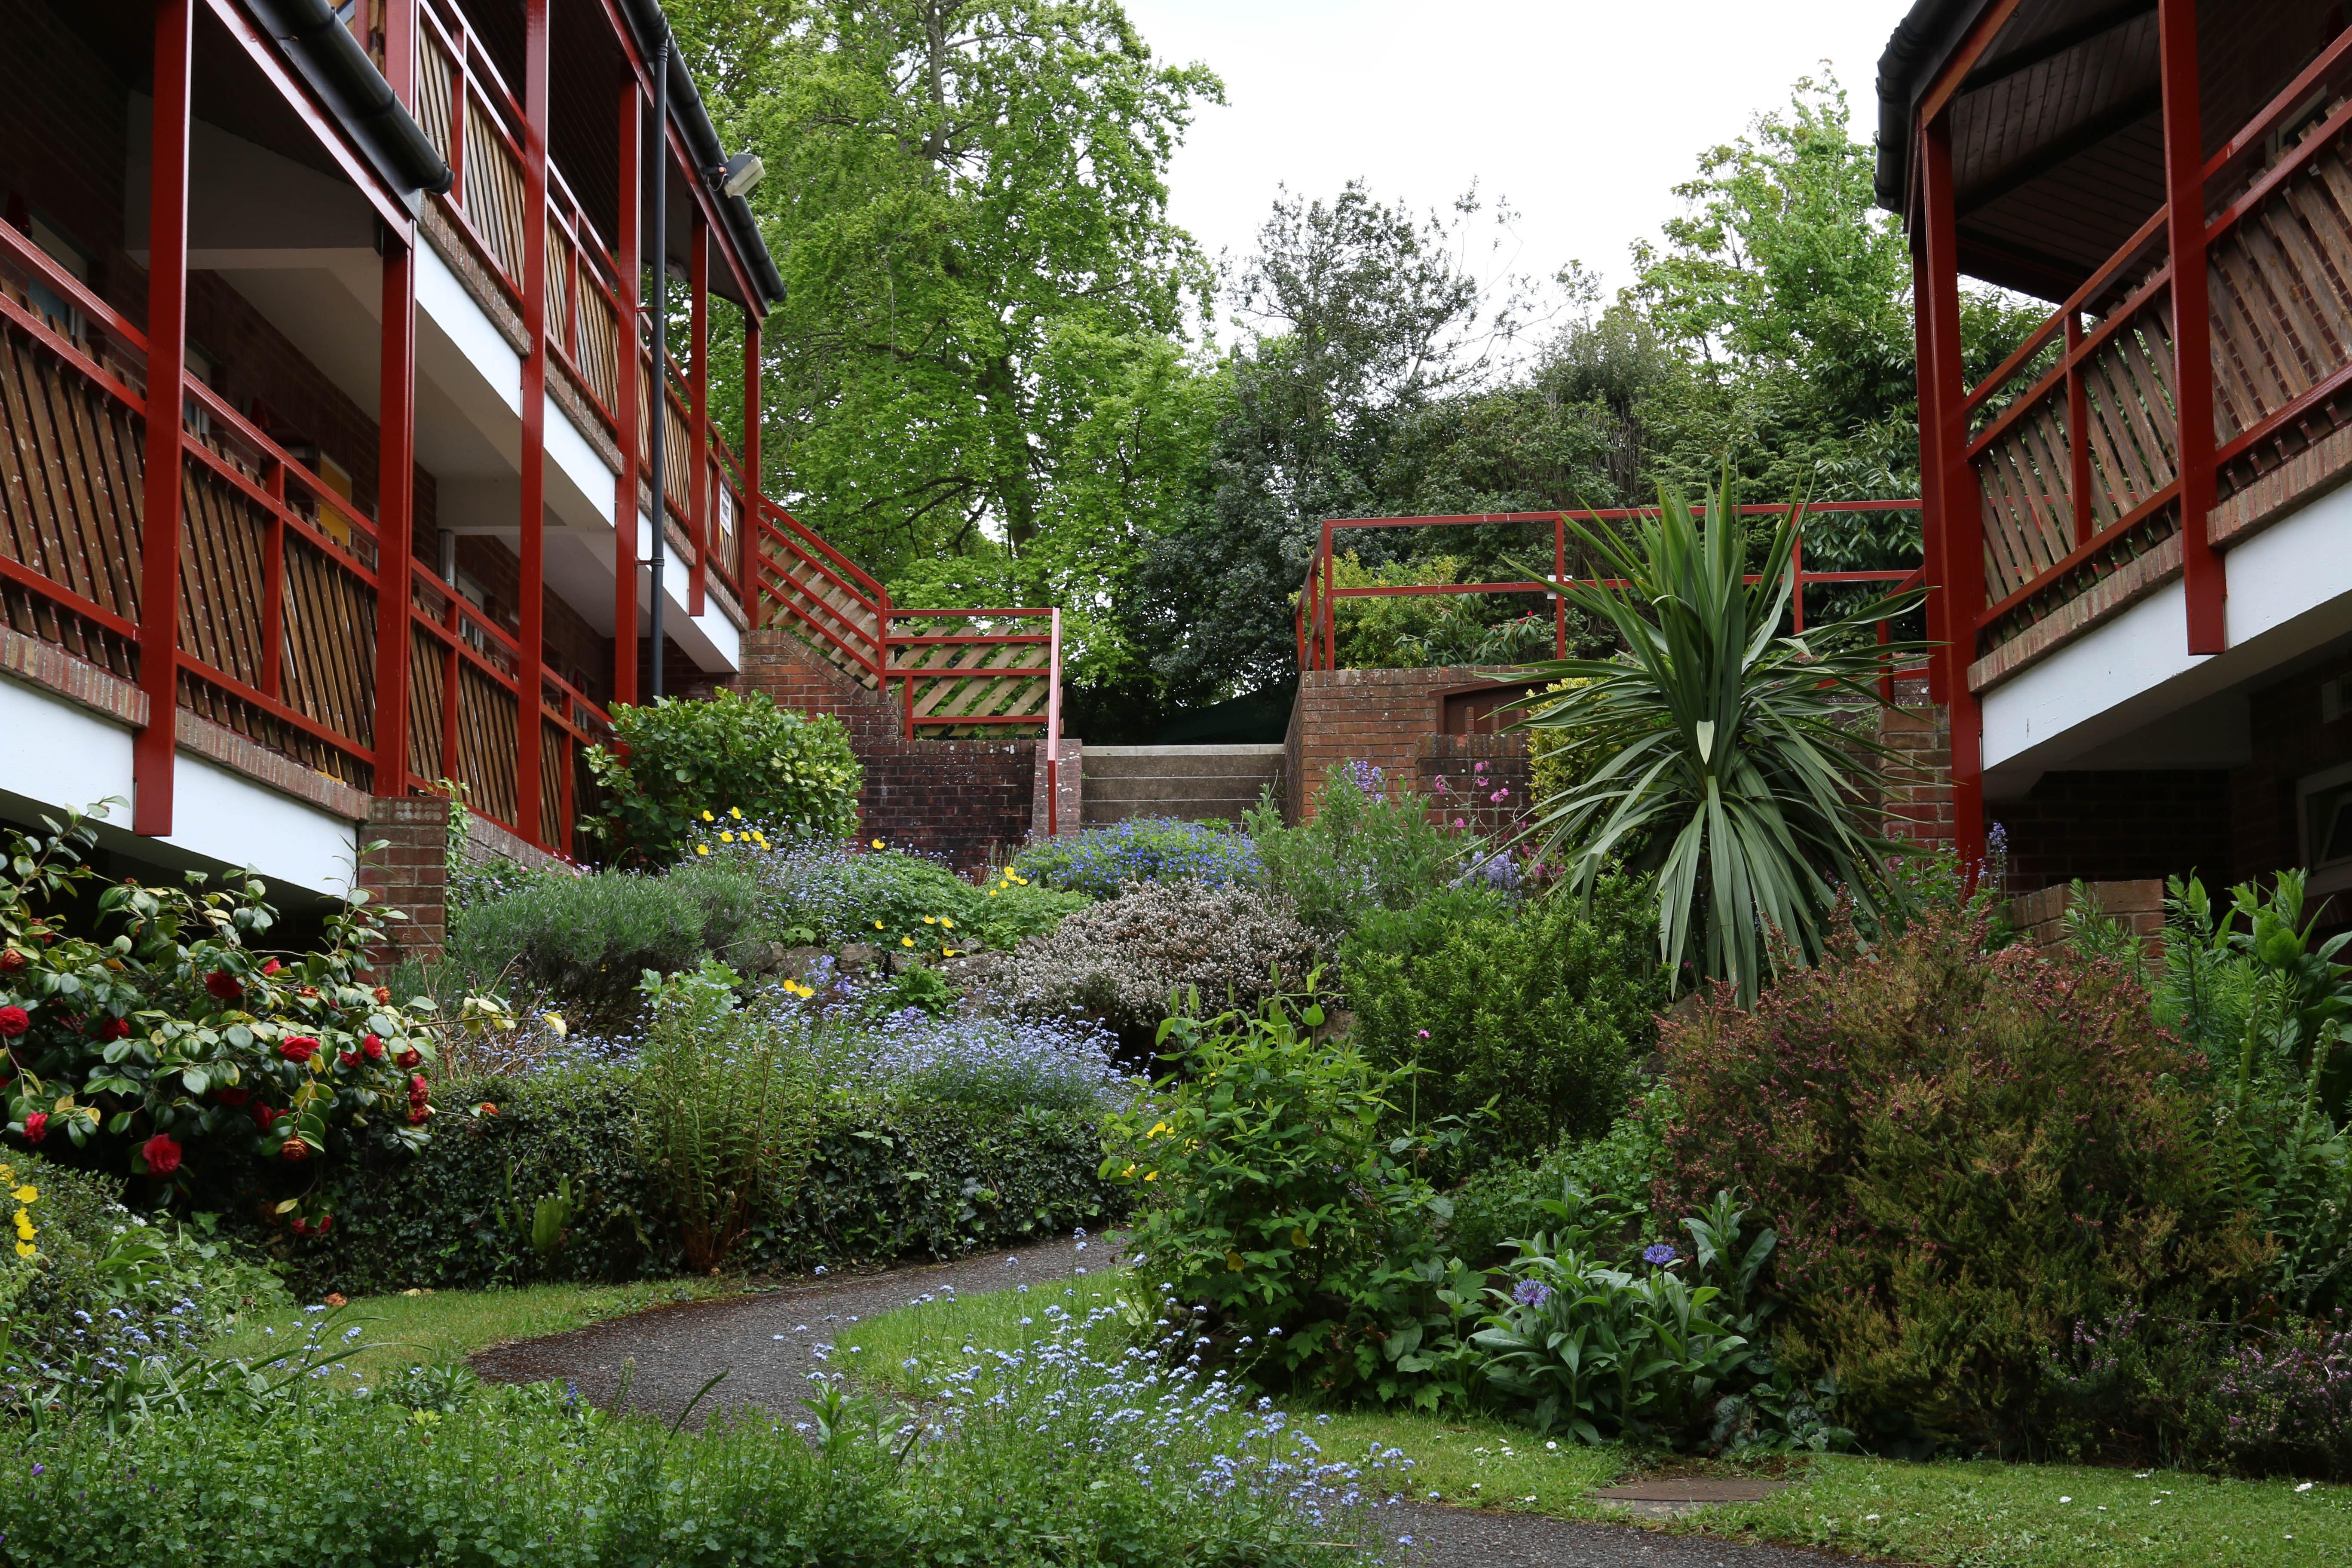 Overbrook Garden